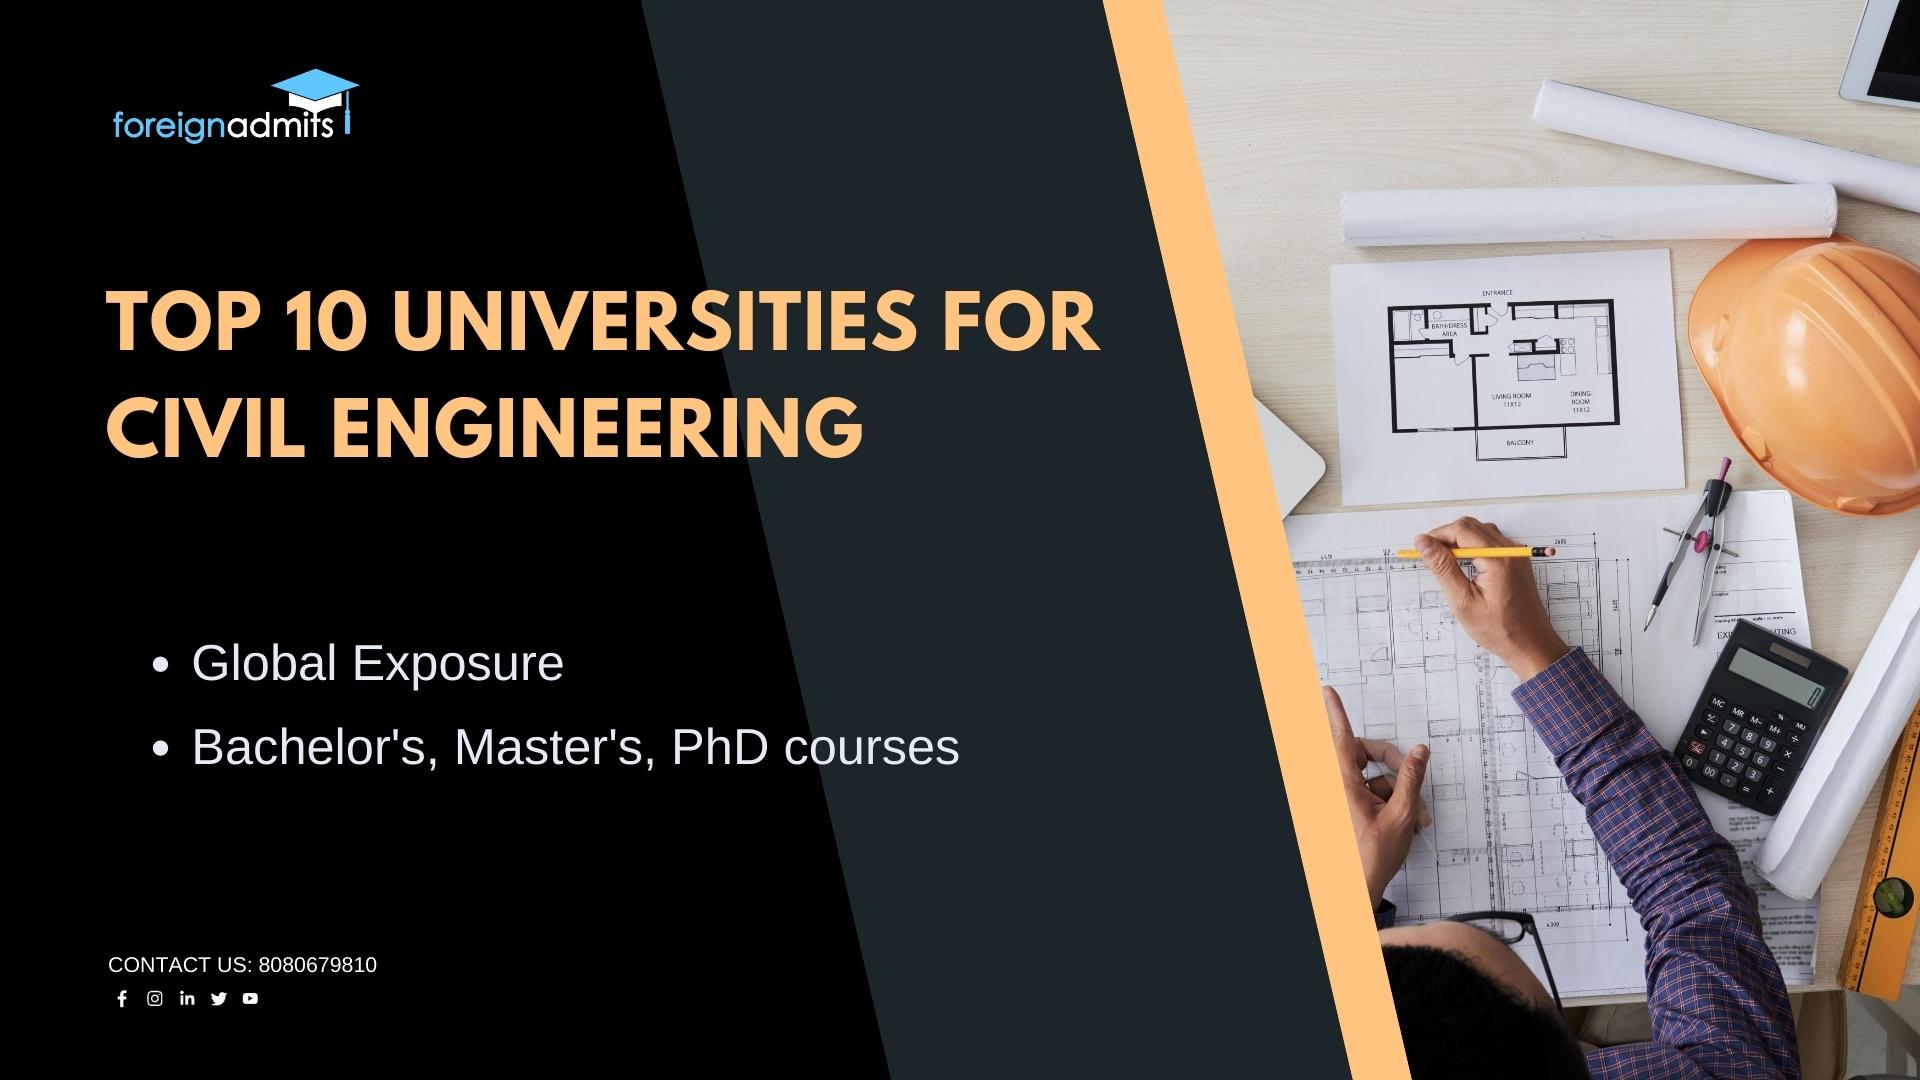 Top 10 Universities For Civil Engineering